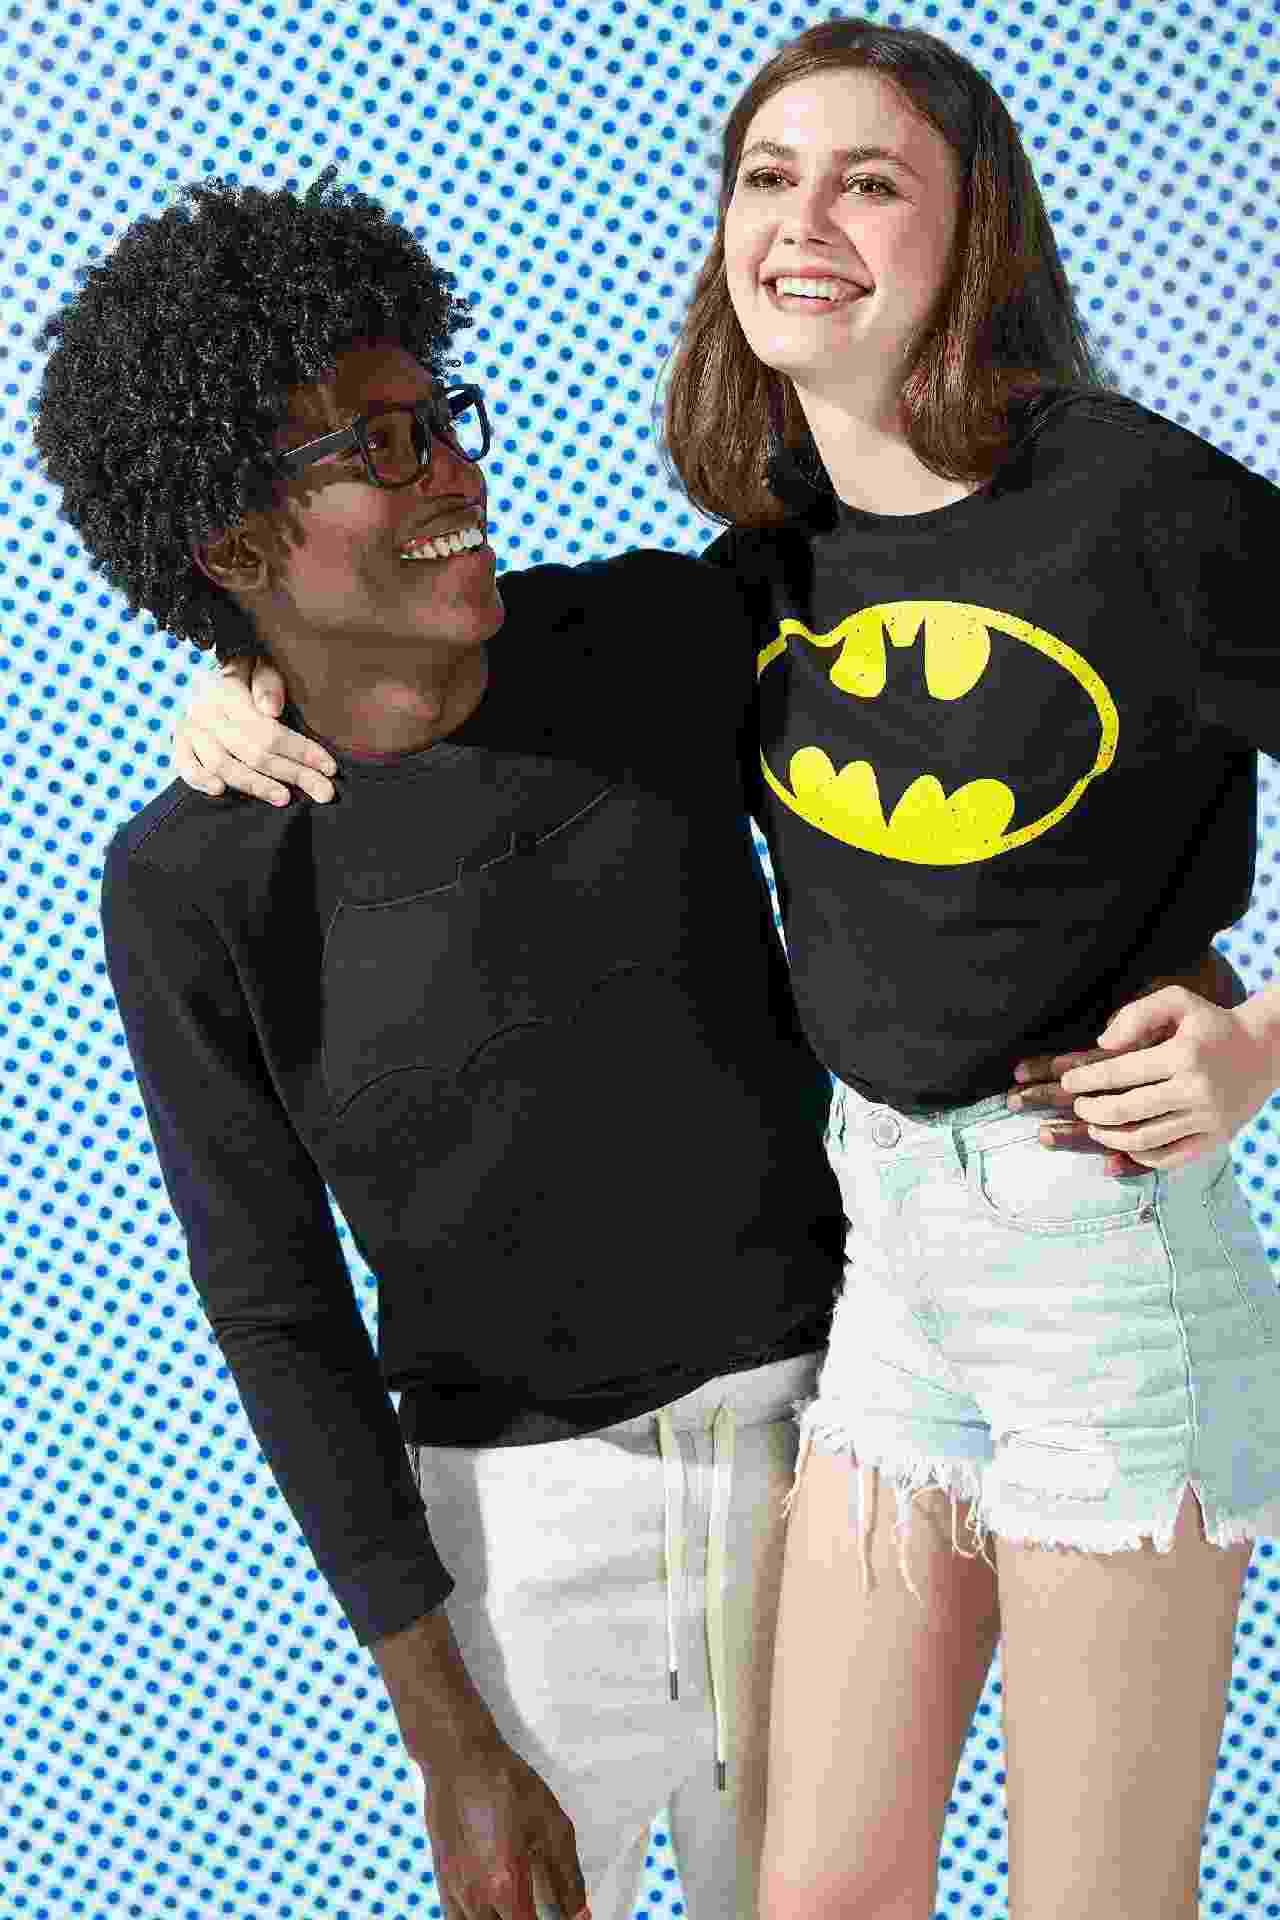 Coleção para CCXP 2018 - Inspiração: Batman - Riachuelo Geek Megastore